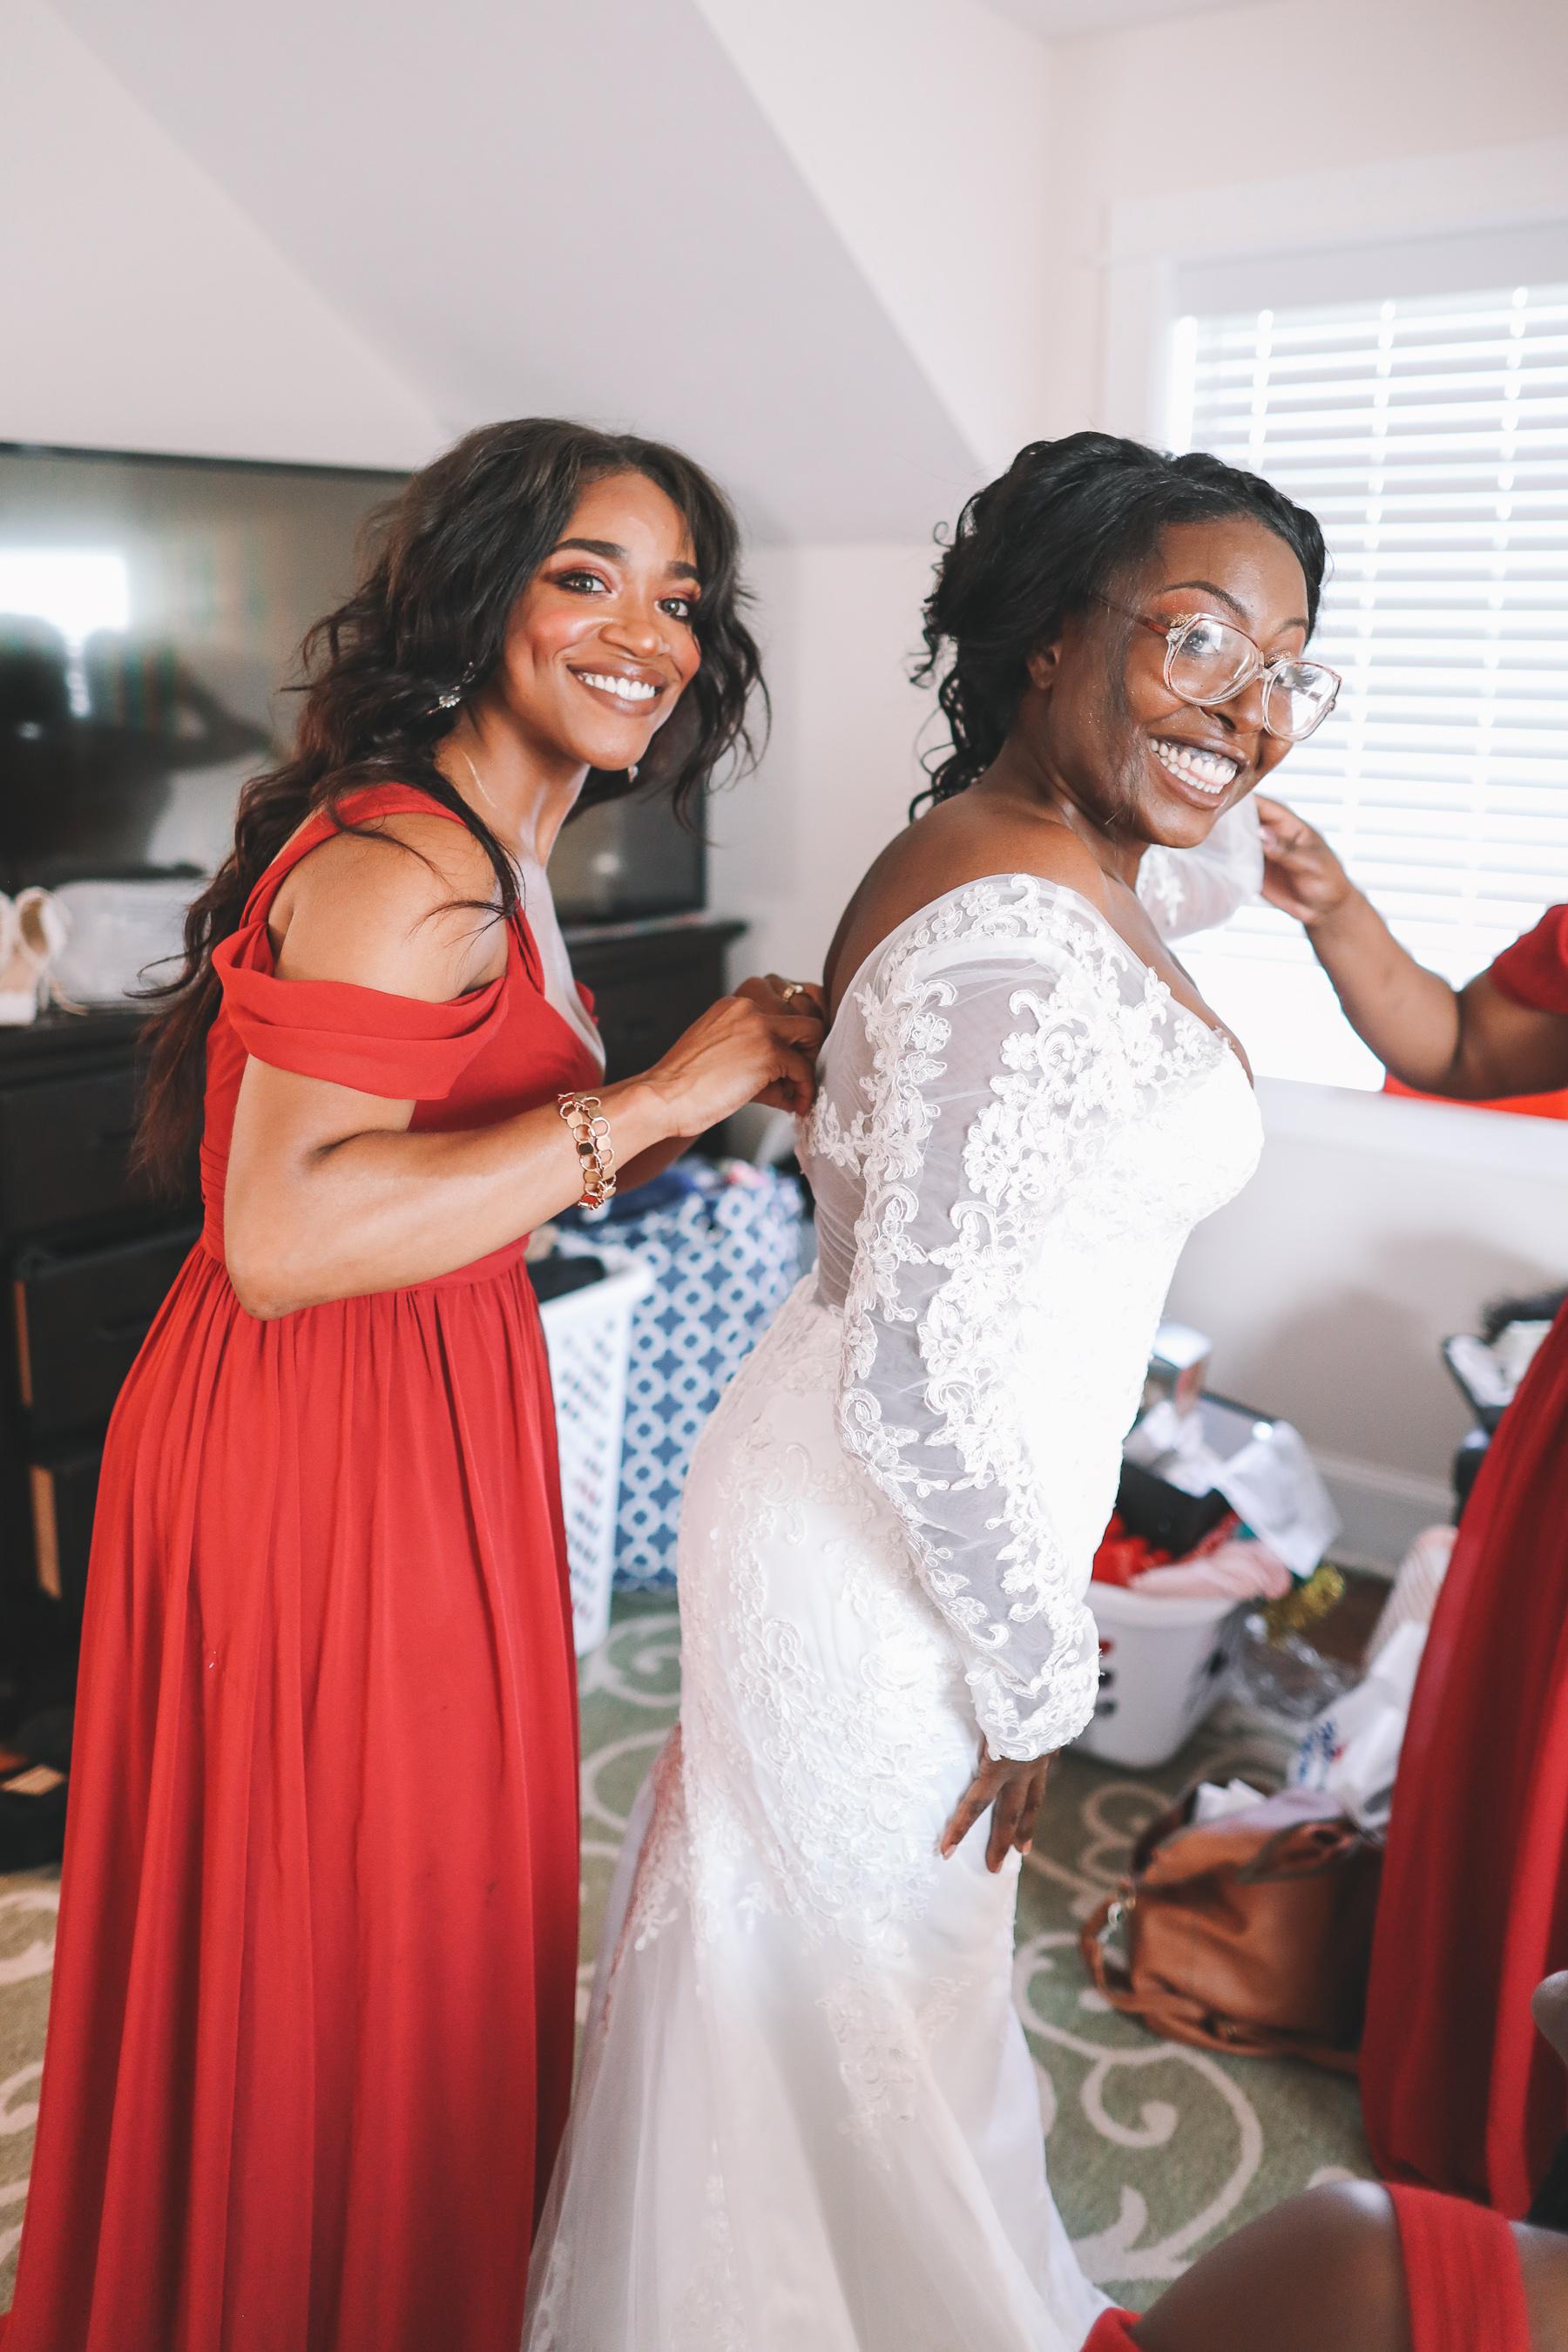 bride prep | Charlie and Shirleys Wedding